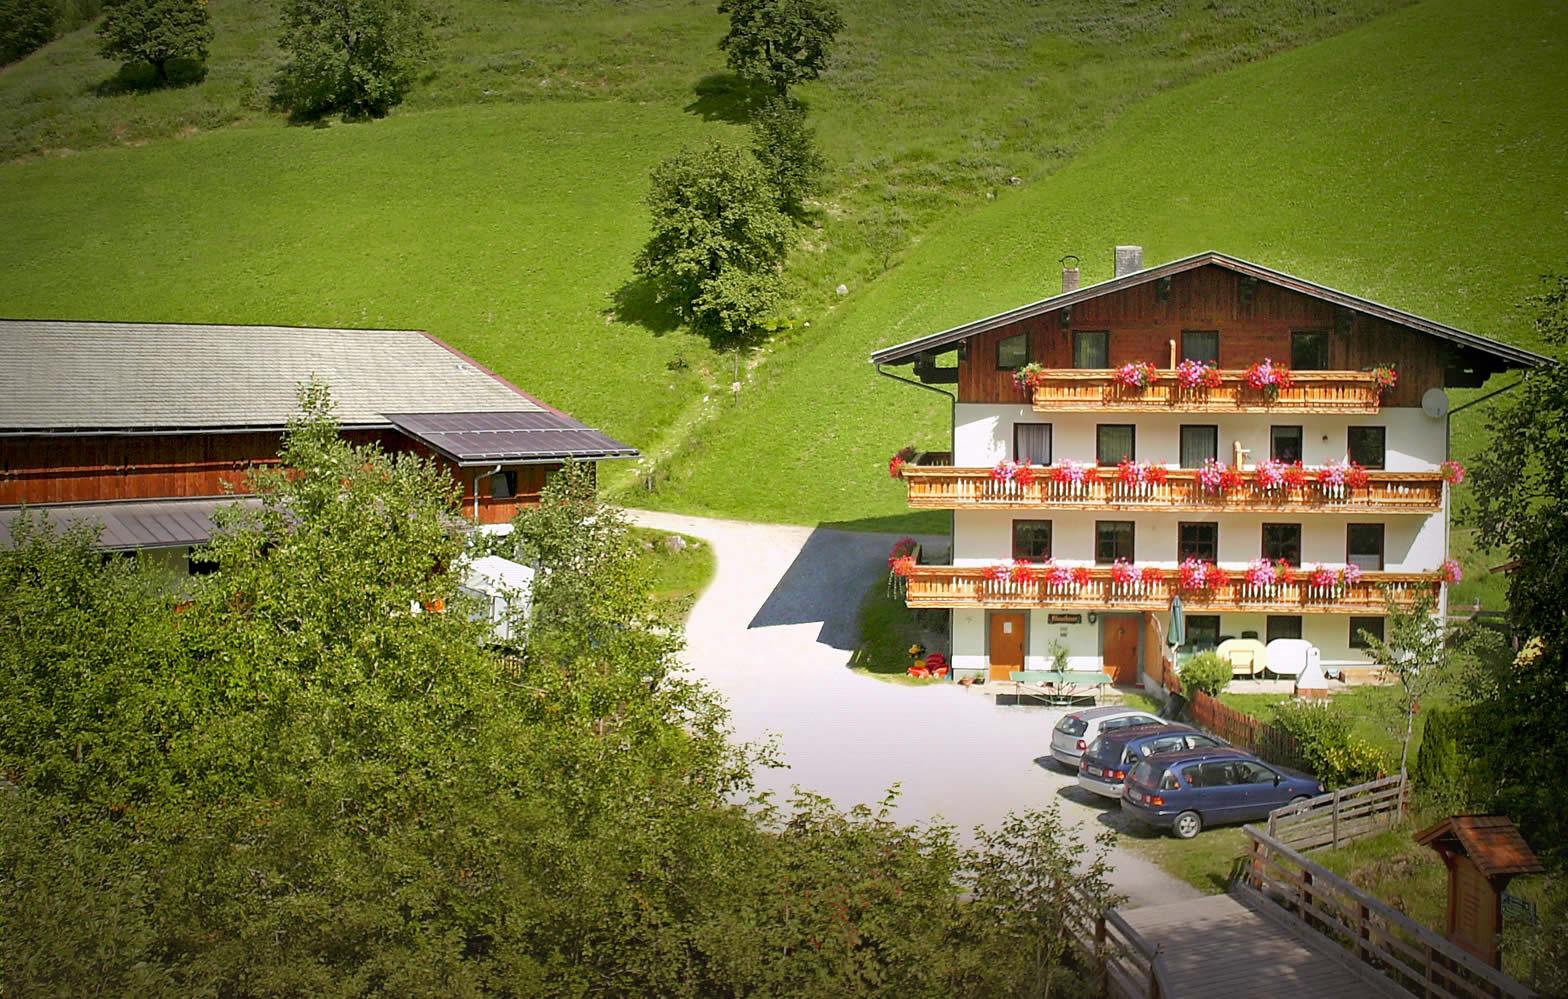 Urlaub am Bauernhof in Großarl - Ferienwohnungen Klausbauer